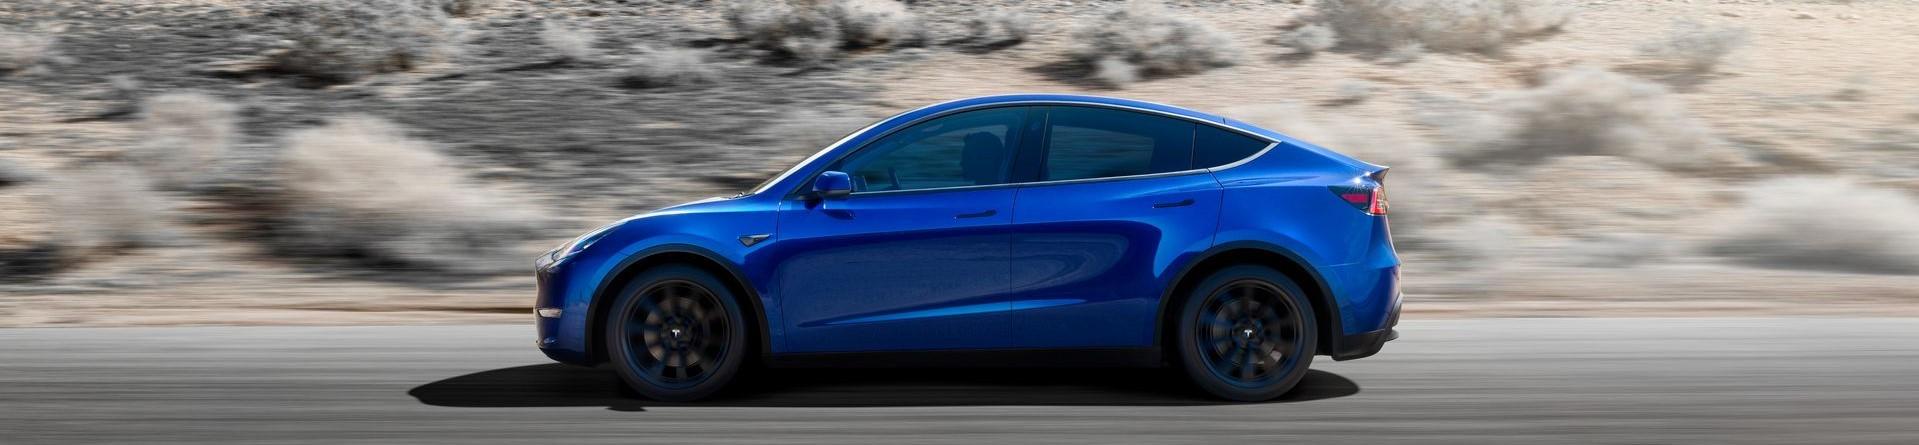 Teljes a Tesla-sor: Bemutatták az új modellt